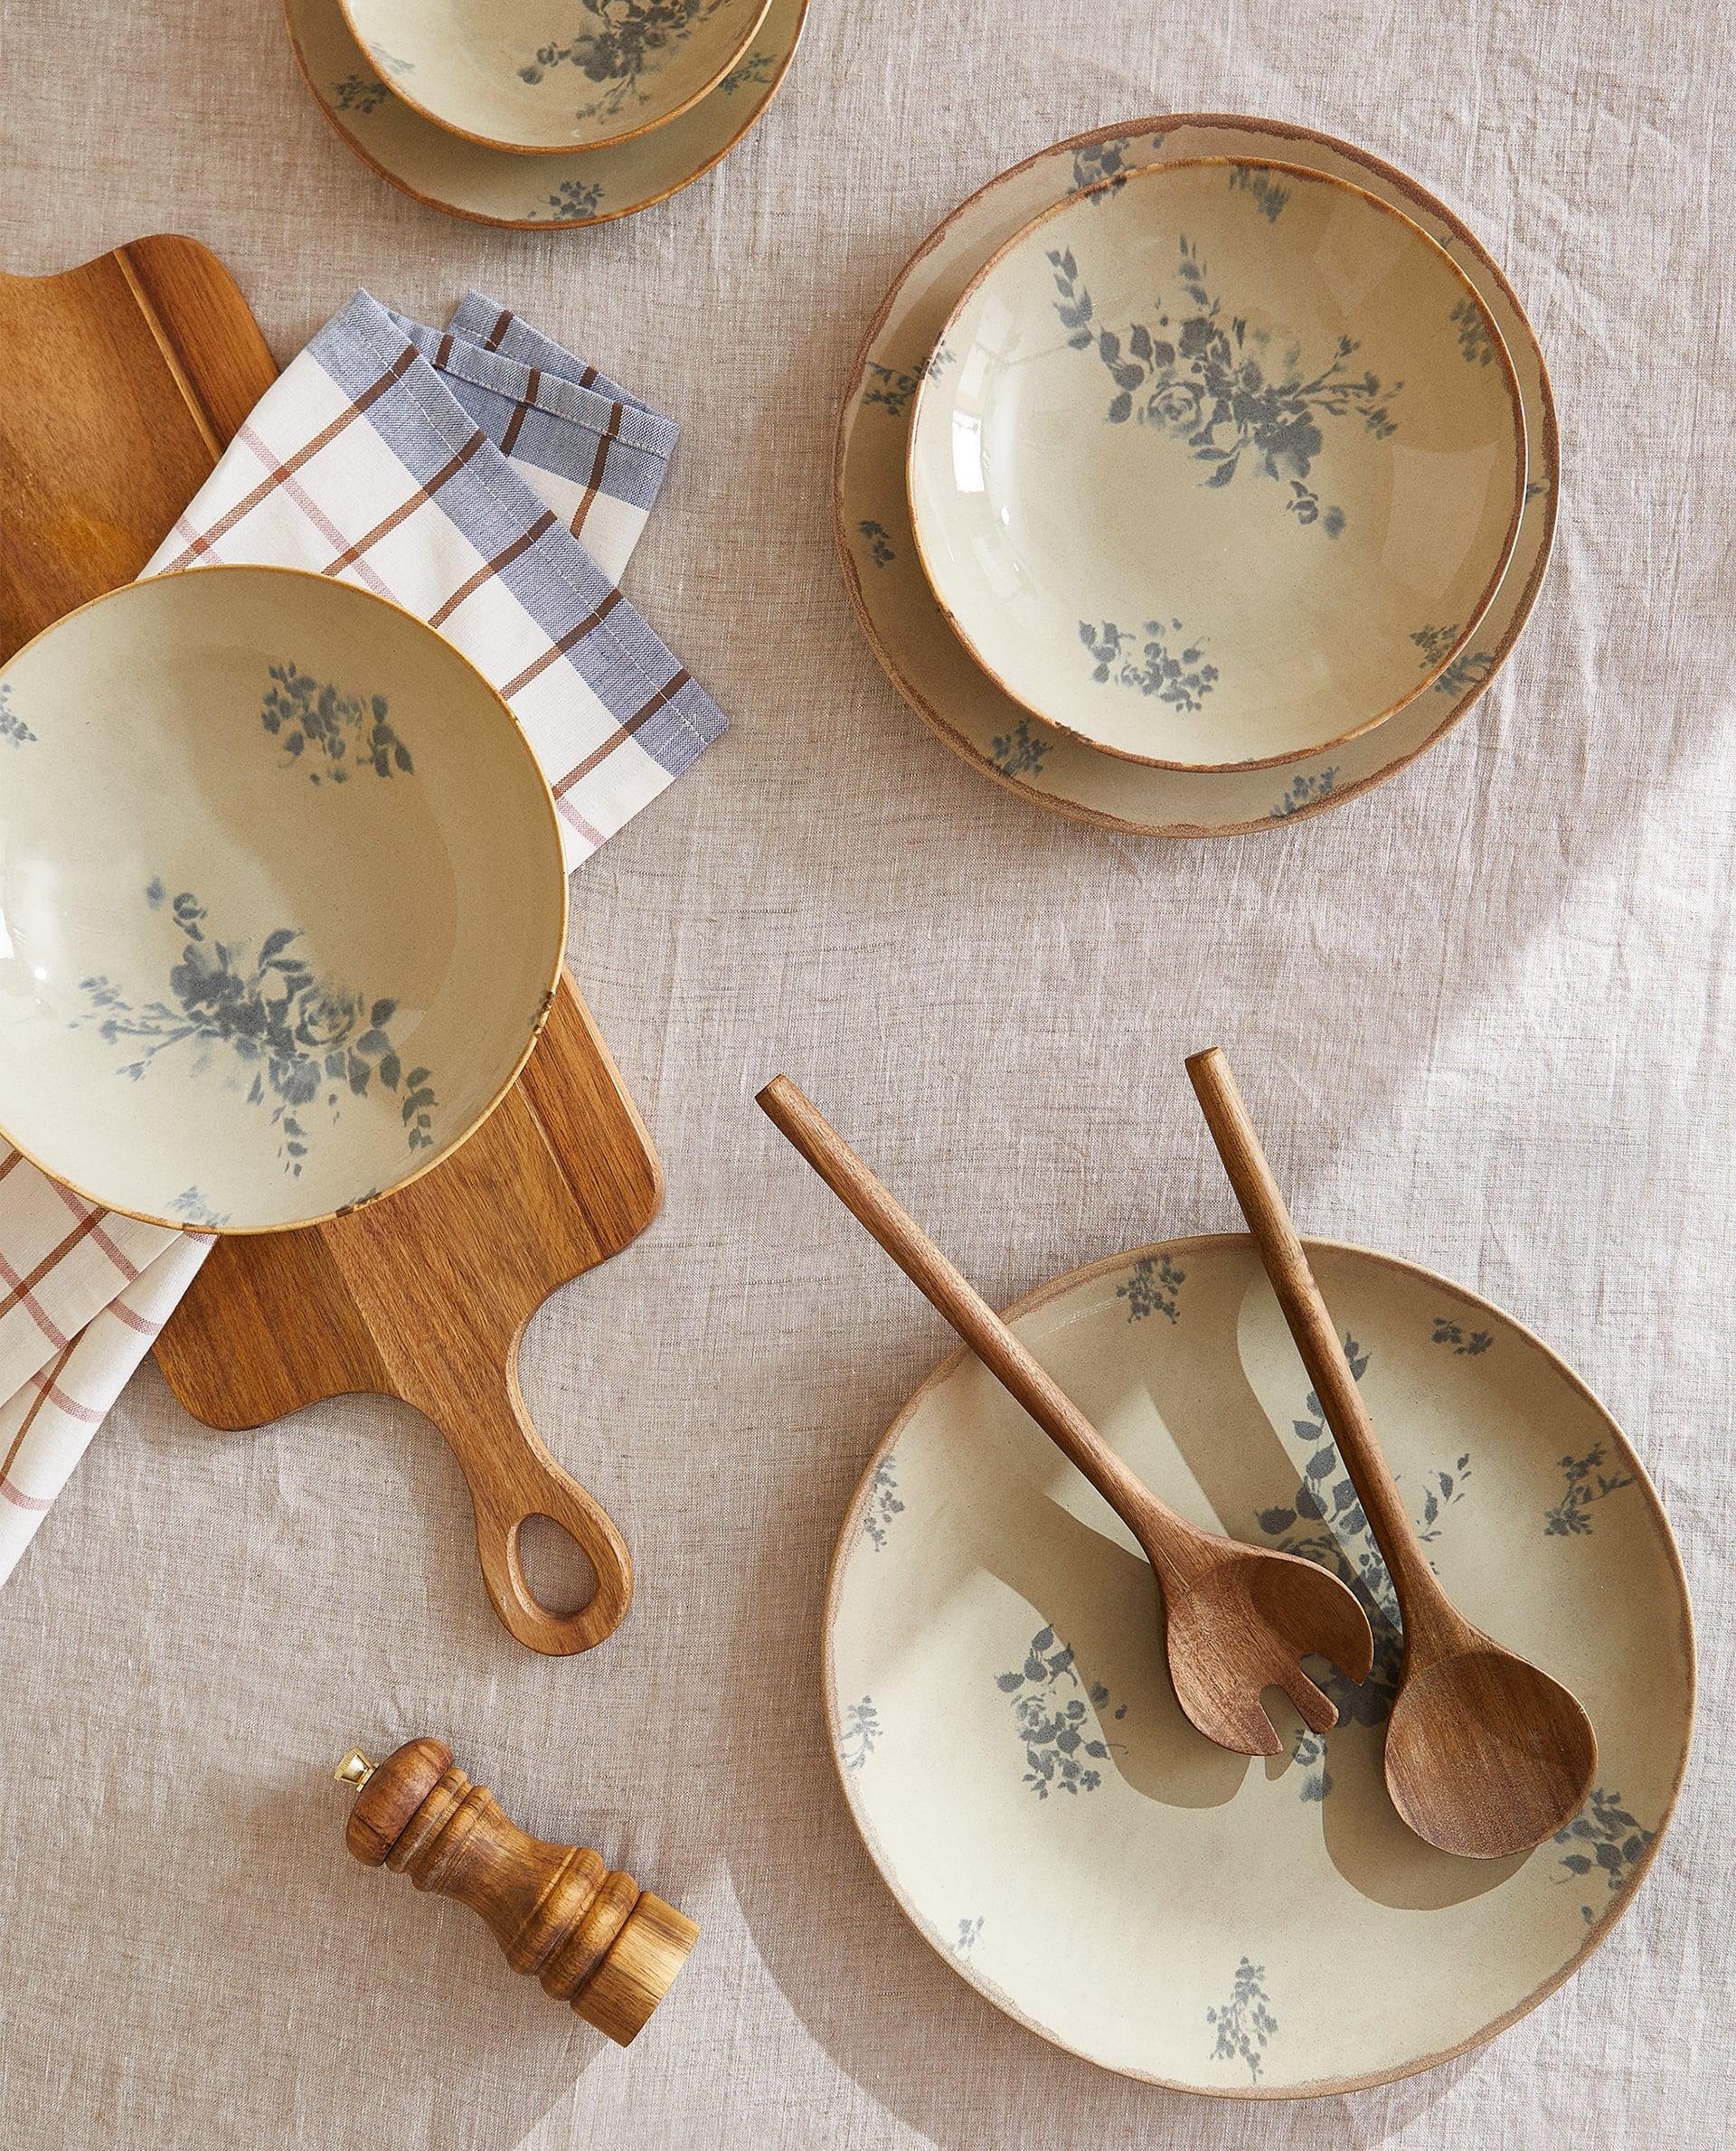 Mønstrete tallerkener i duse toner